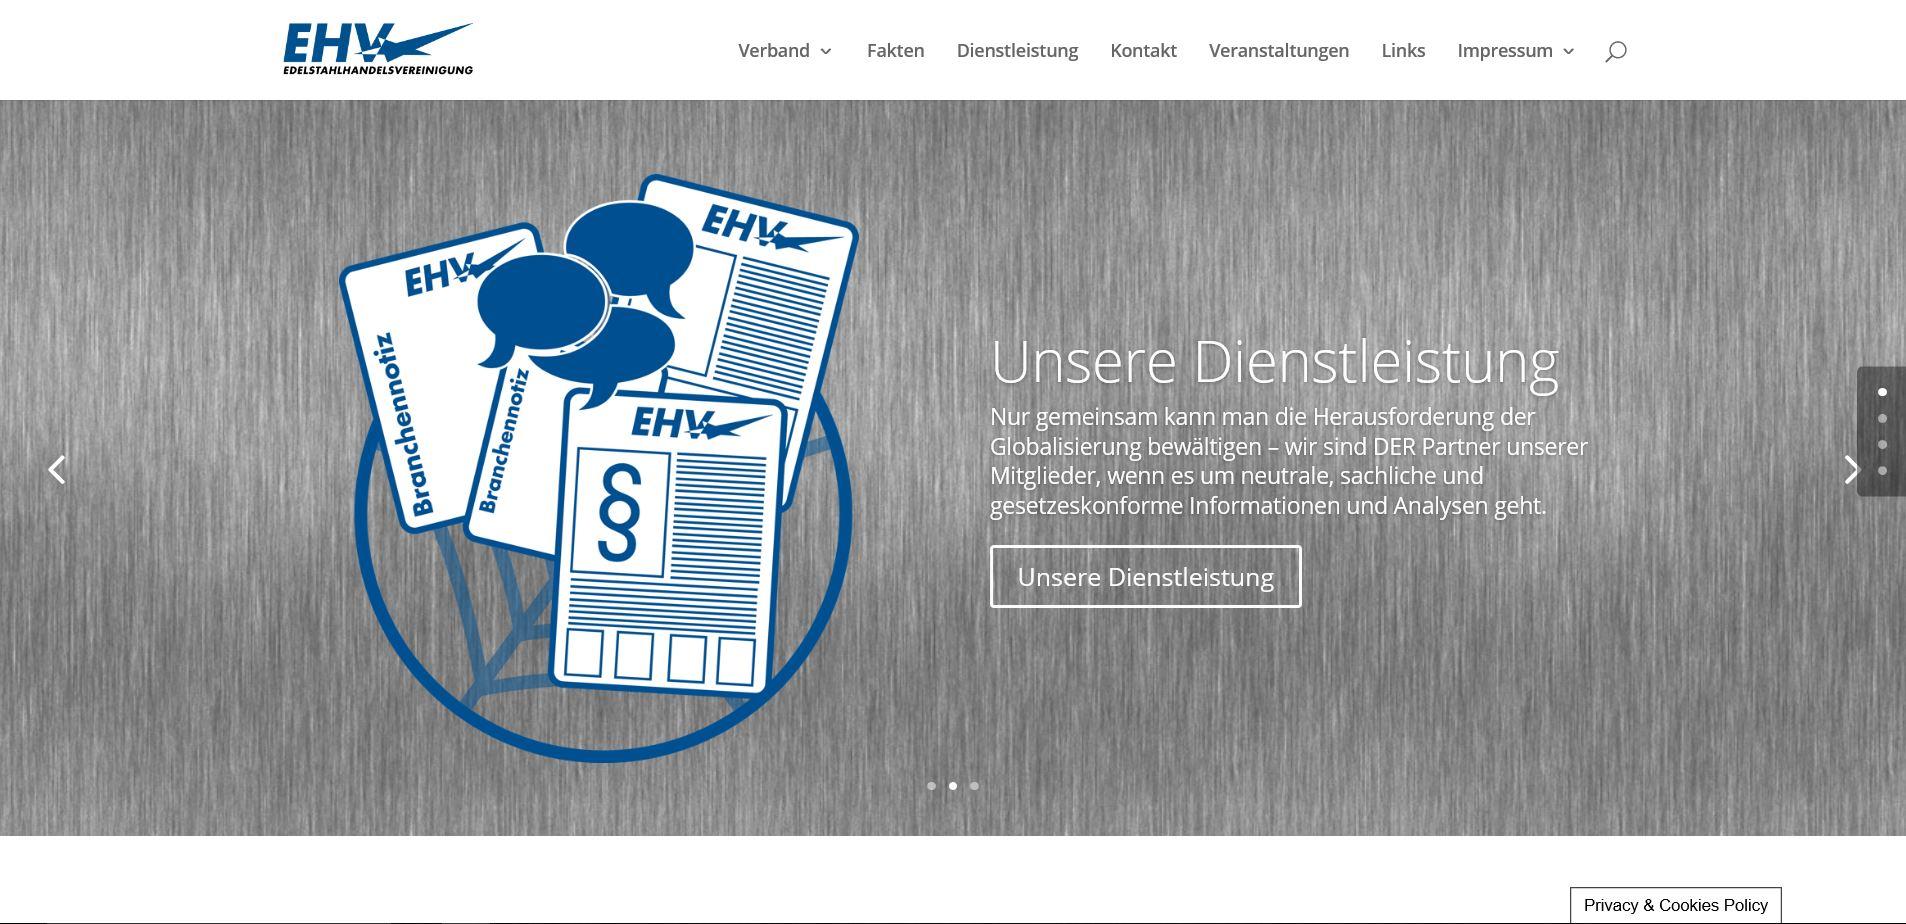 Homepage der Edelstahlhandelsvereinigung